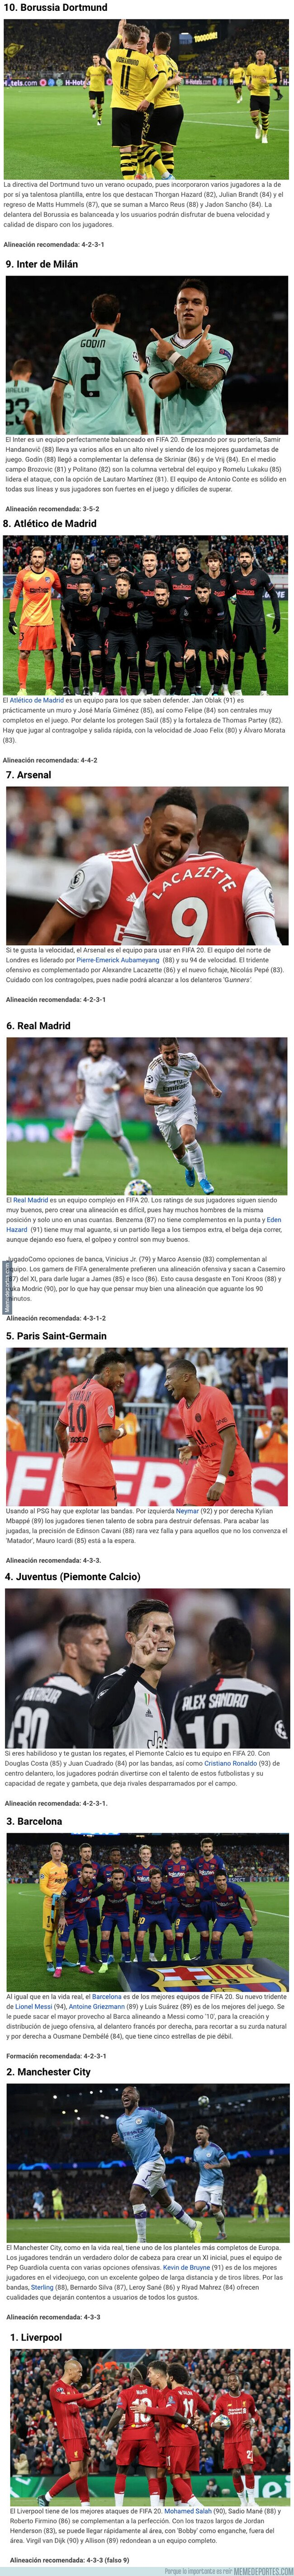 1087569 - Los 10 mejores equipos con los que puedes jugar en el FIFA 20